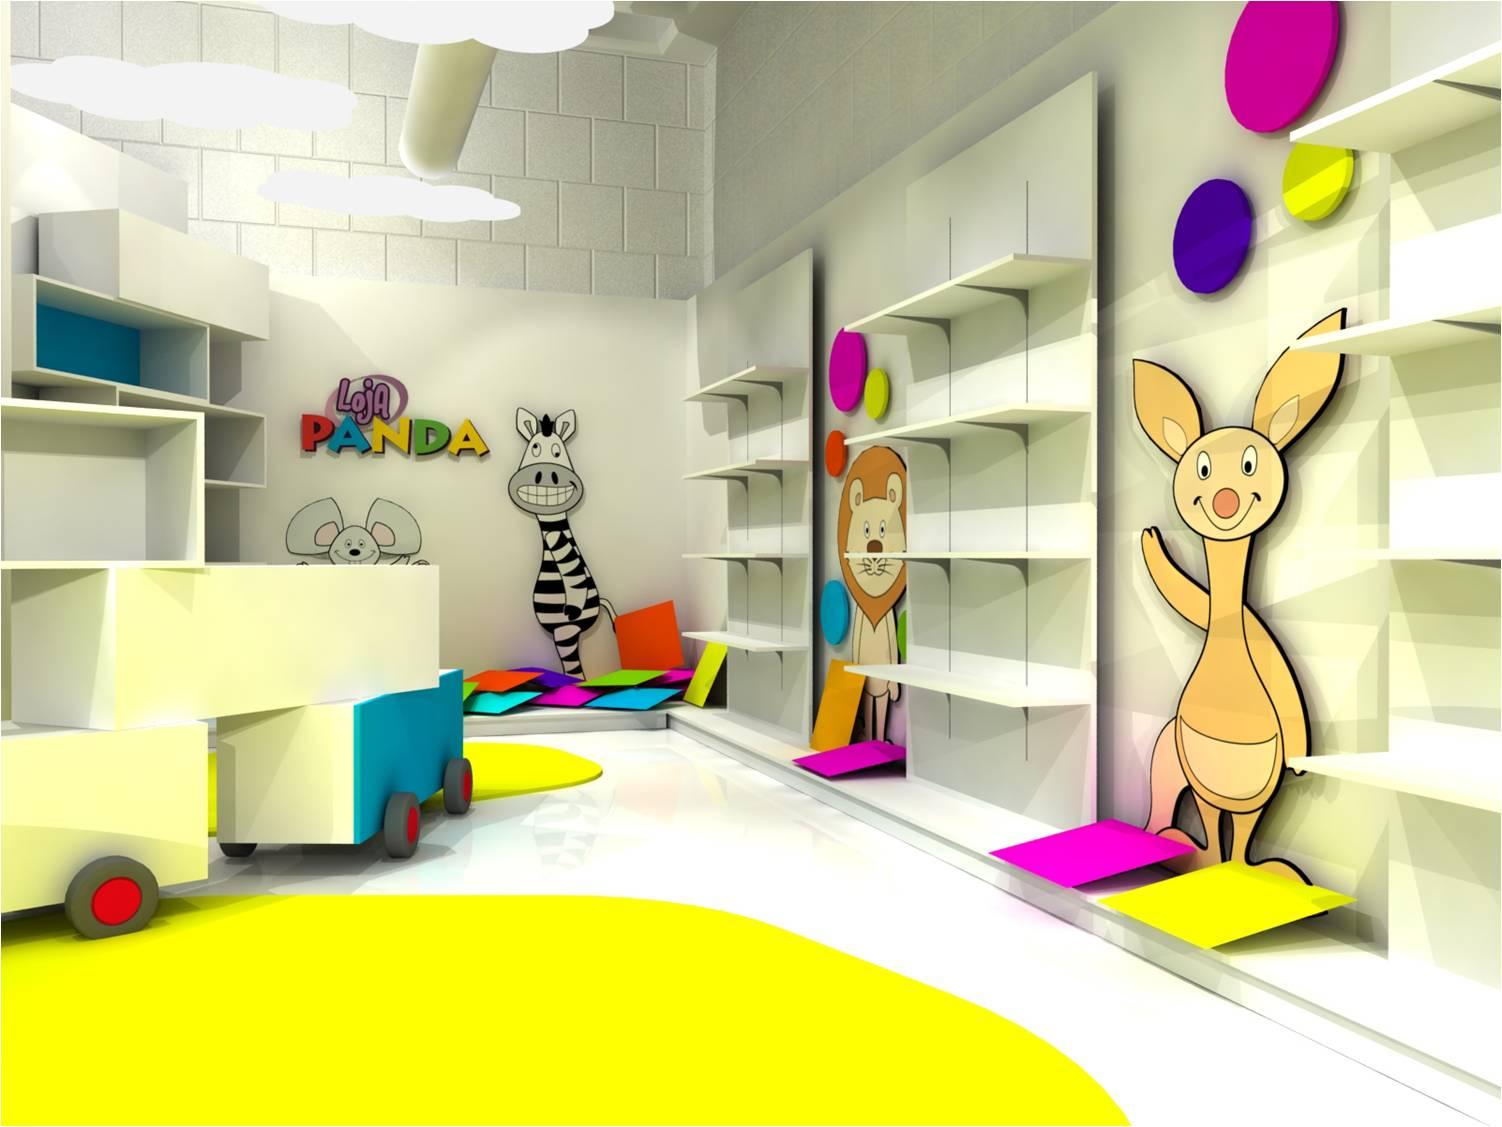 Proyecto de espacio comercial para canal panda canal Mobiliario para espacios reducidos